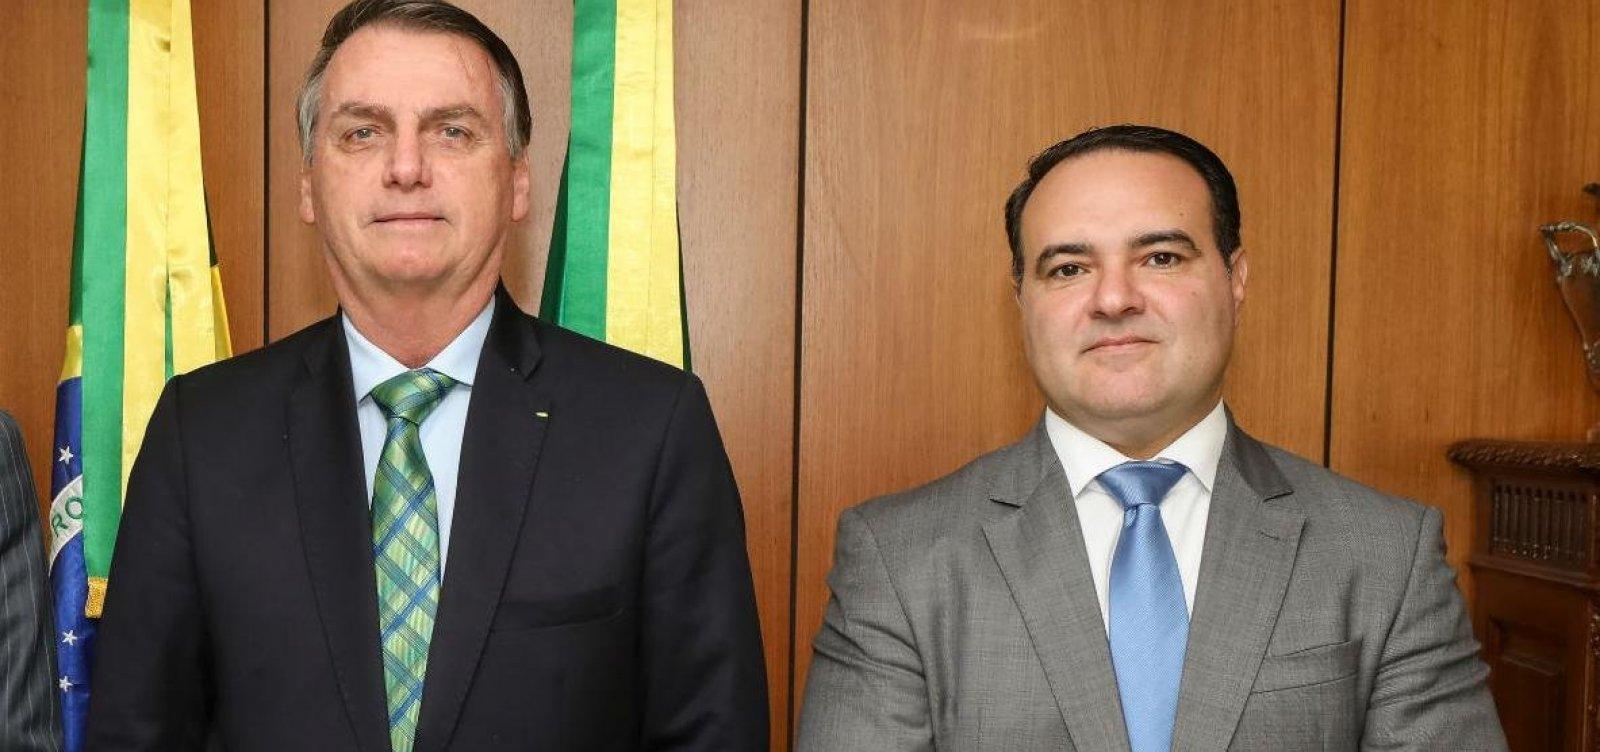 Jorge Oliveira deve assumir o Ministério da Justiça no lugar de Moro